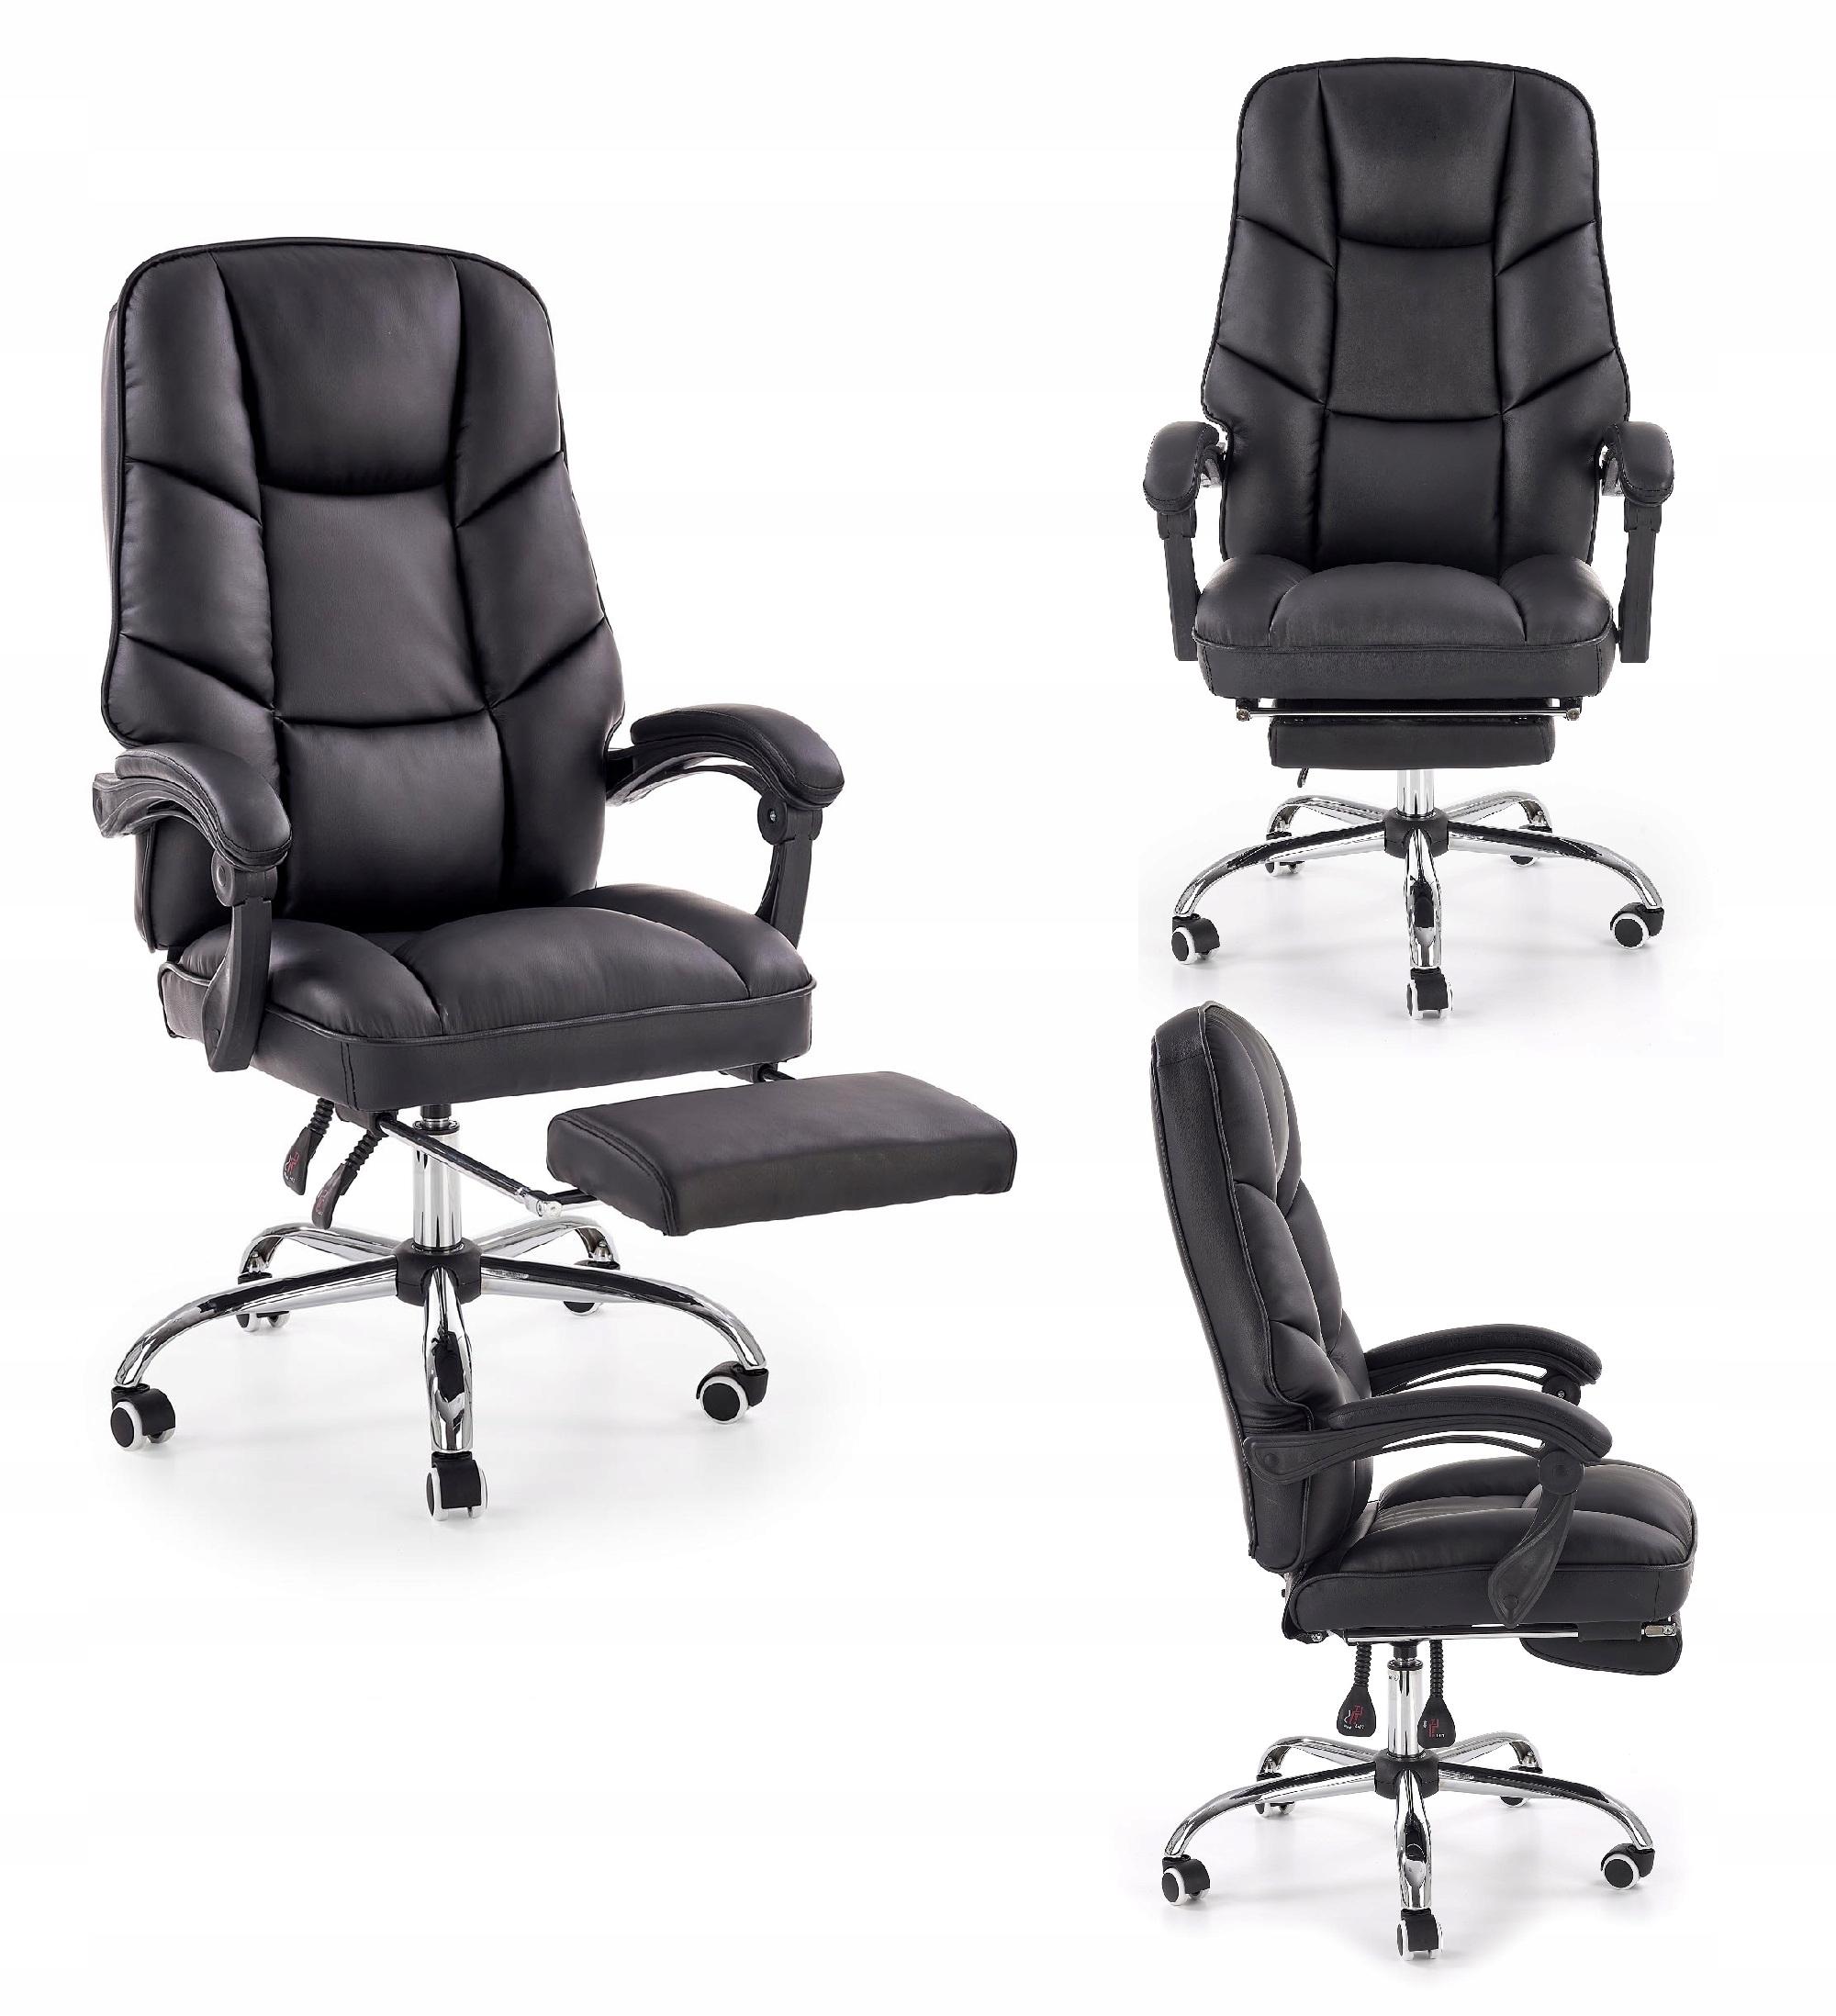 Директорское кресло ALVIN black Halmar